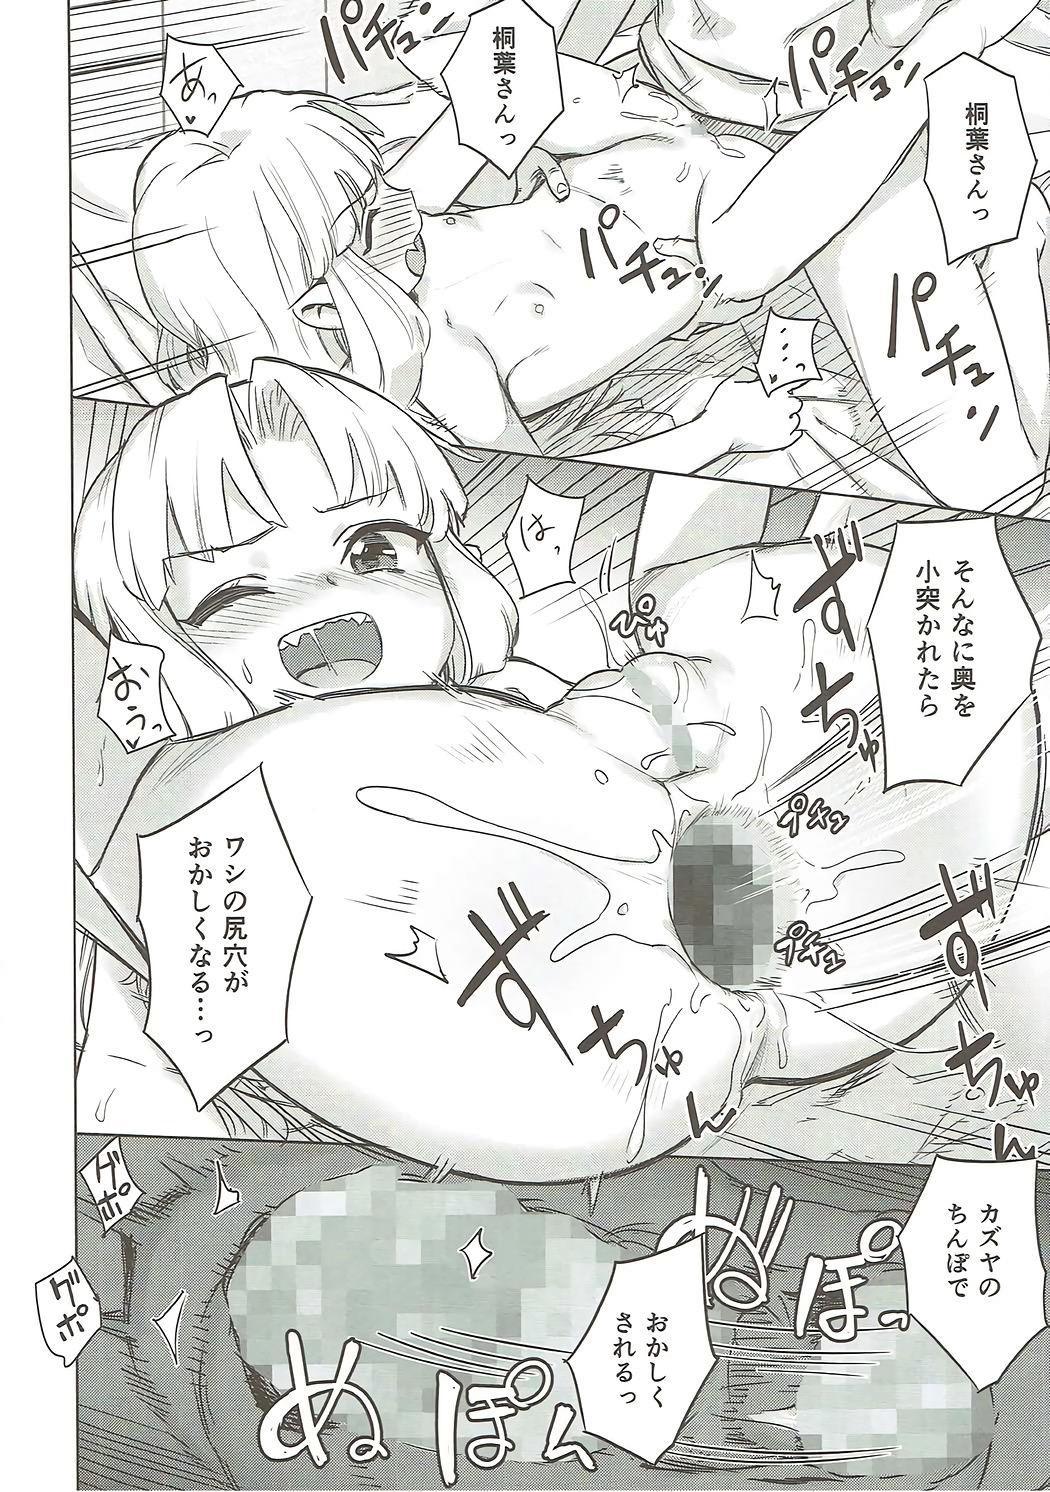 Loli Kiriha-san no Anal o Care Suru Hon 16